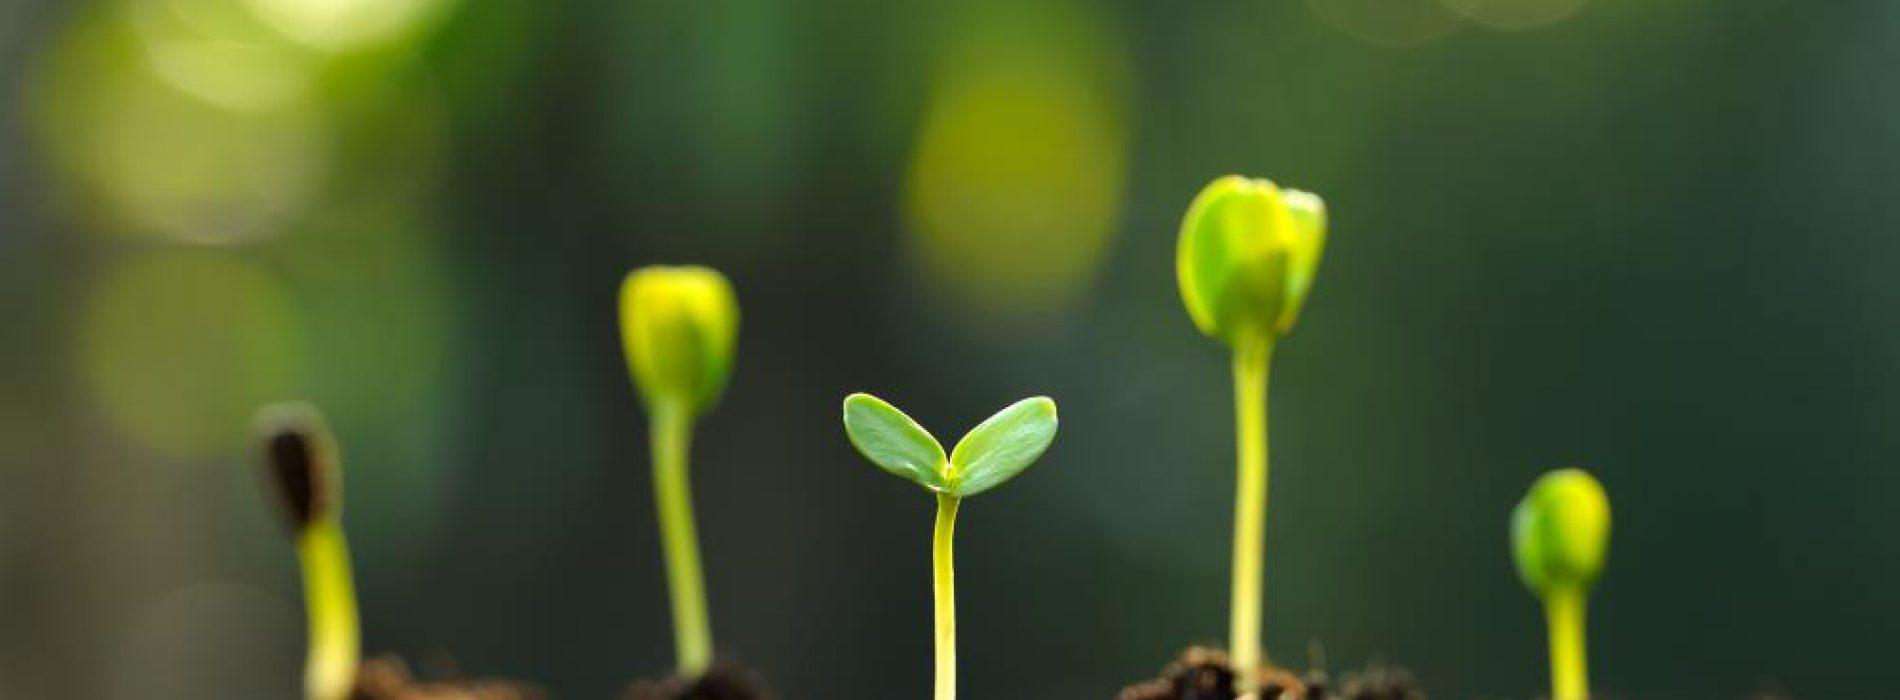 Onderzoek naar het gebruik van natuurlijke producten als alternatieven voor chemische herbiciden